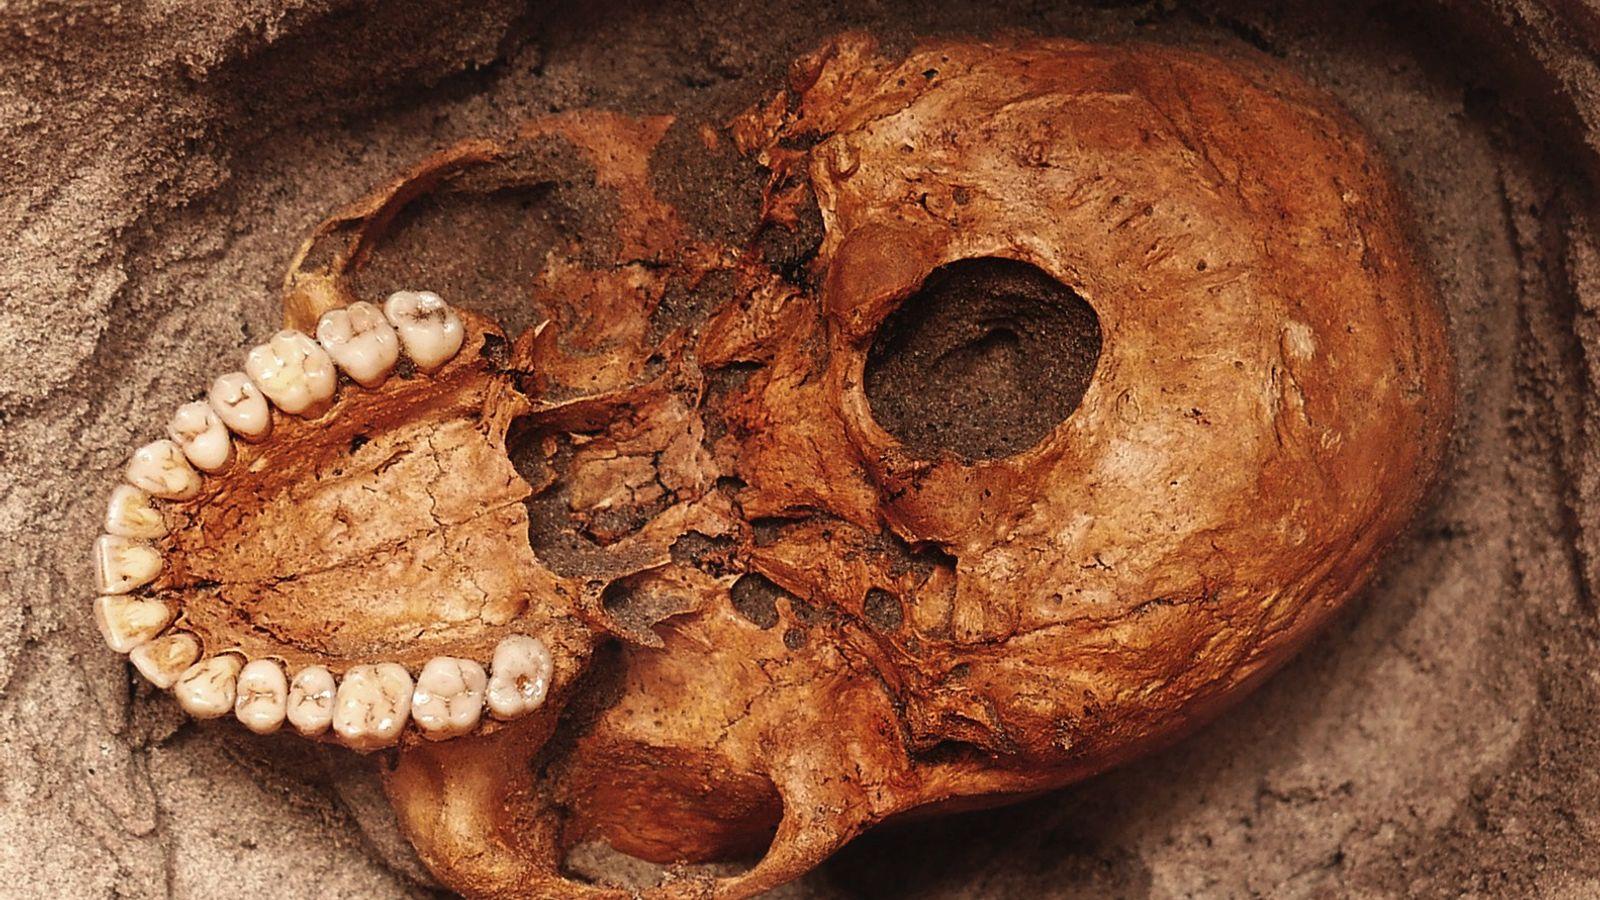 Un crâne humain enseveli dans le sable le long du fleuve Pangani en Tanzanie, entre les ...